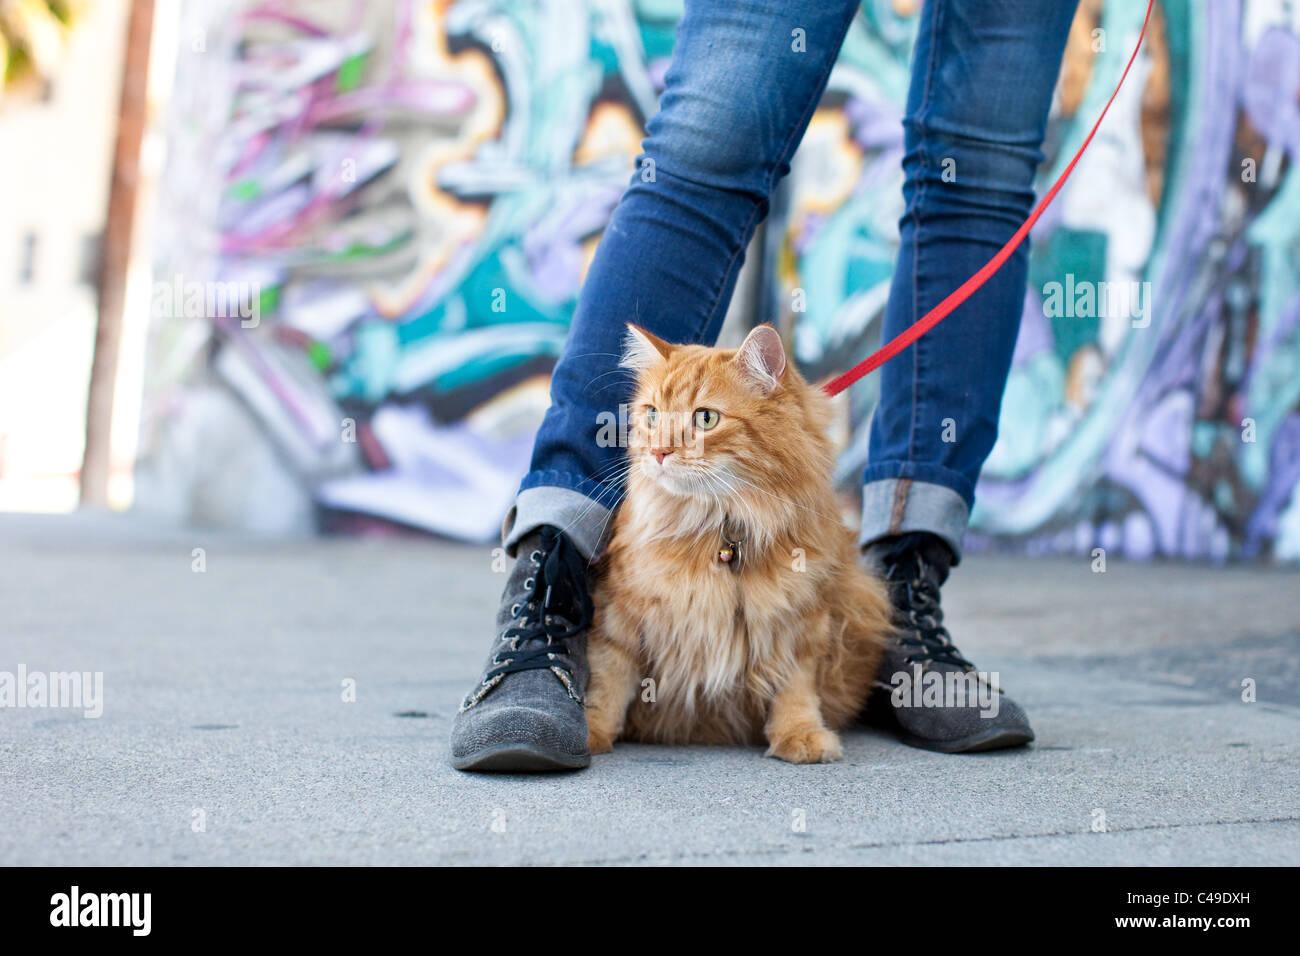 Un petit chat orange à poils longs sur un harnais et une laisse assis entre ses pieds du propriétaire dans un quartier Banque D'Images